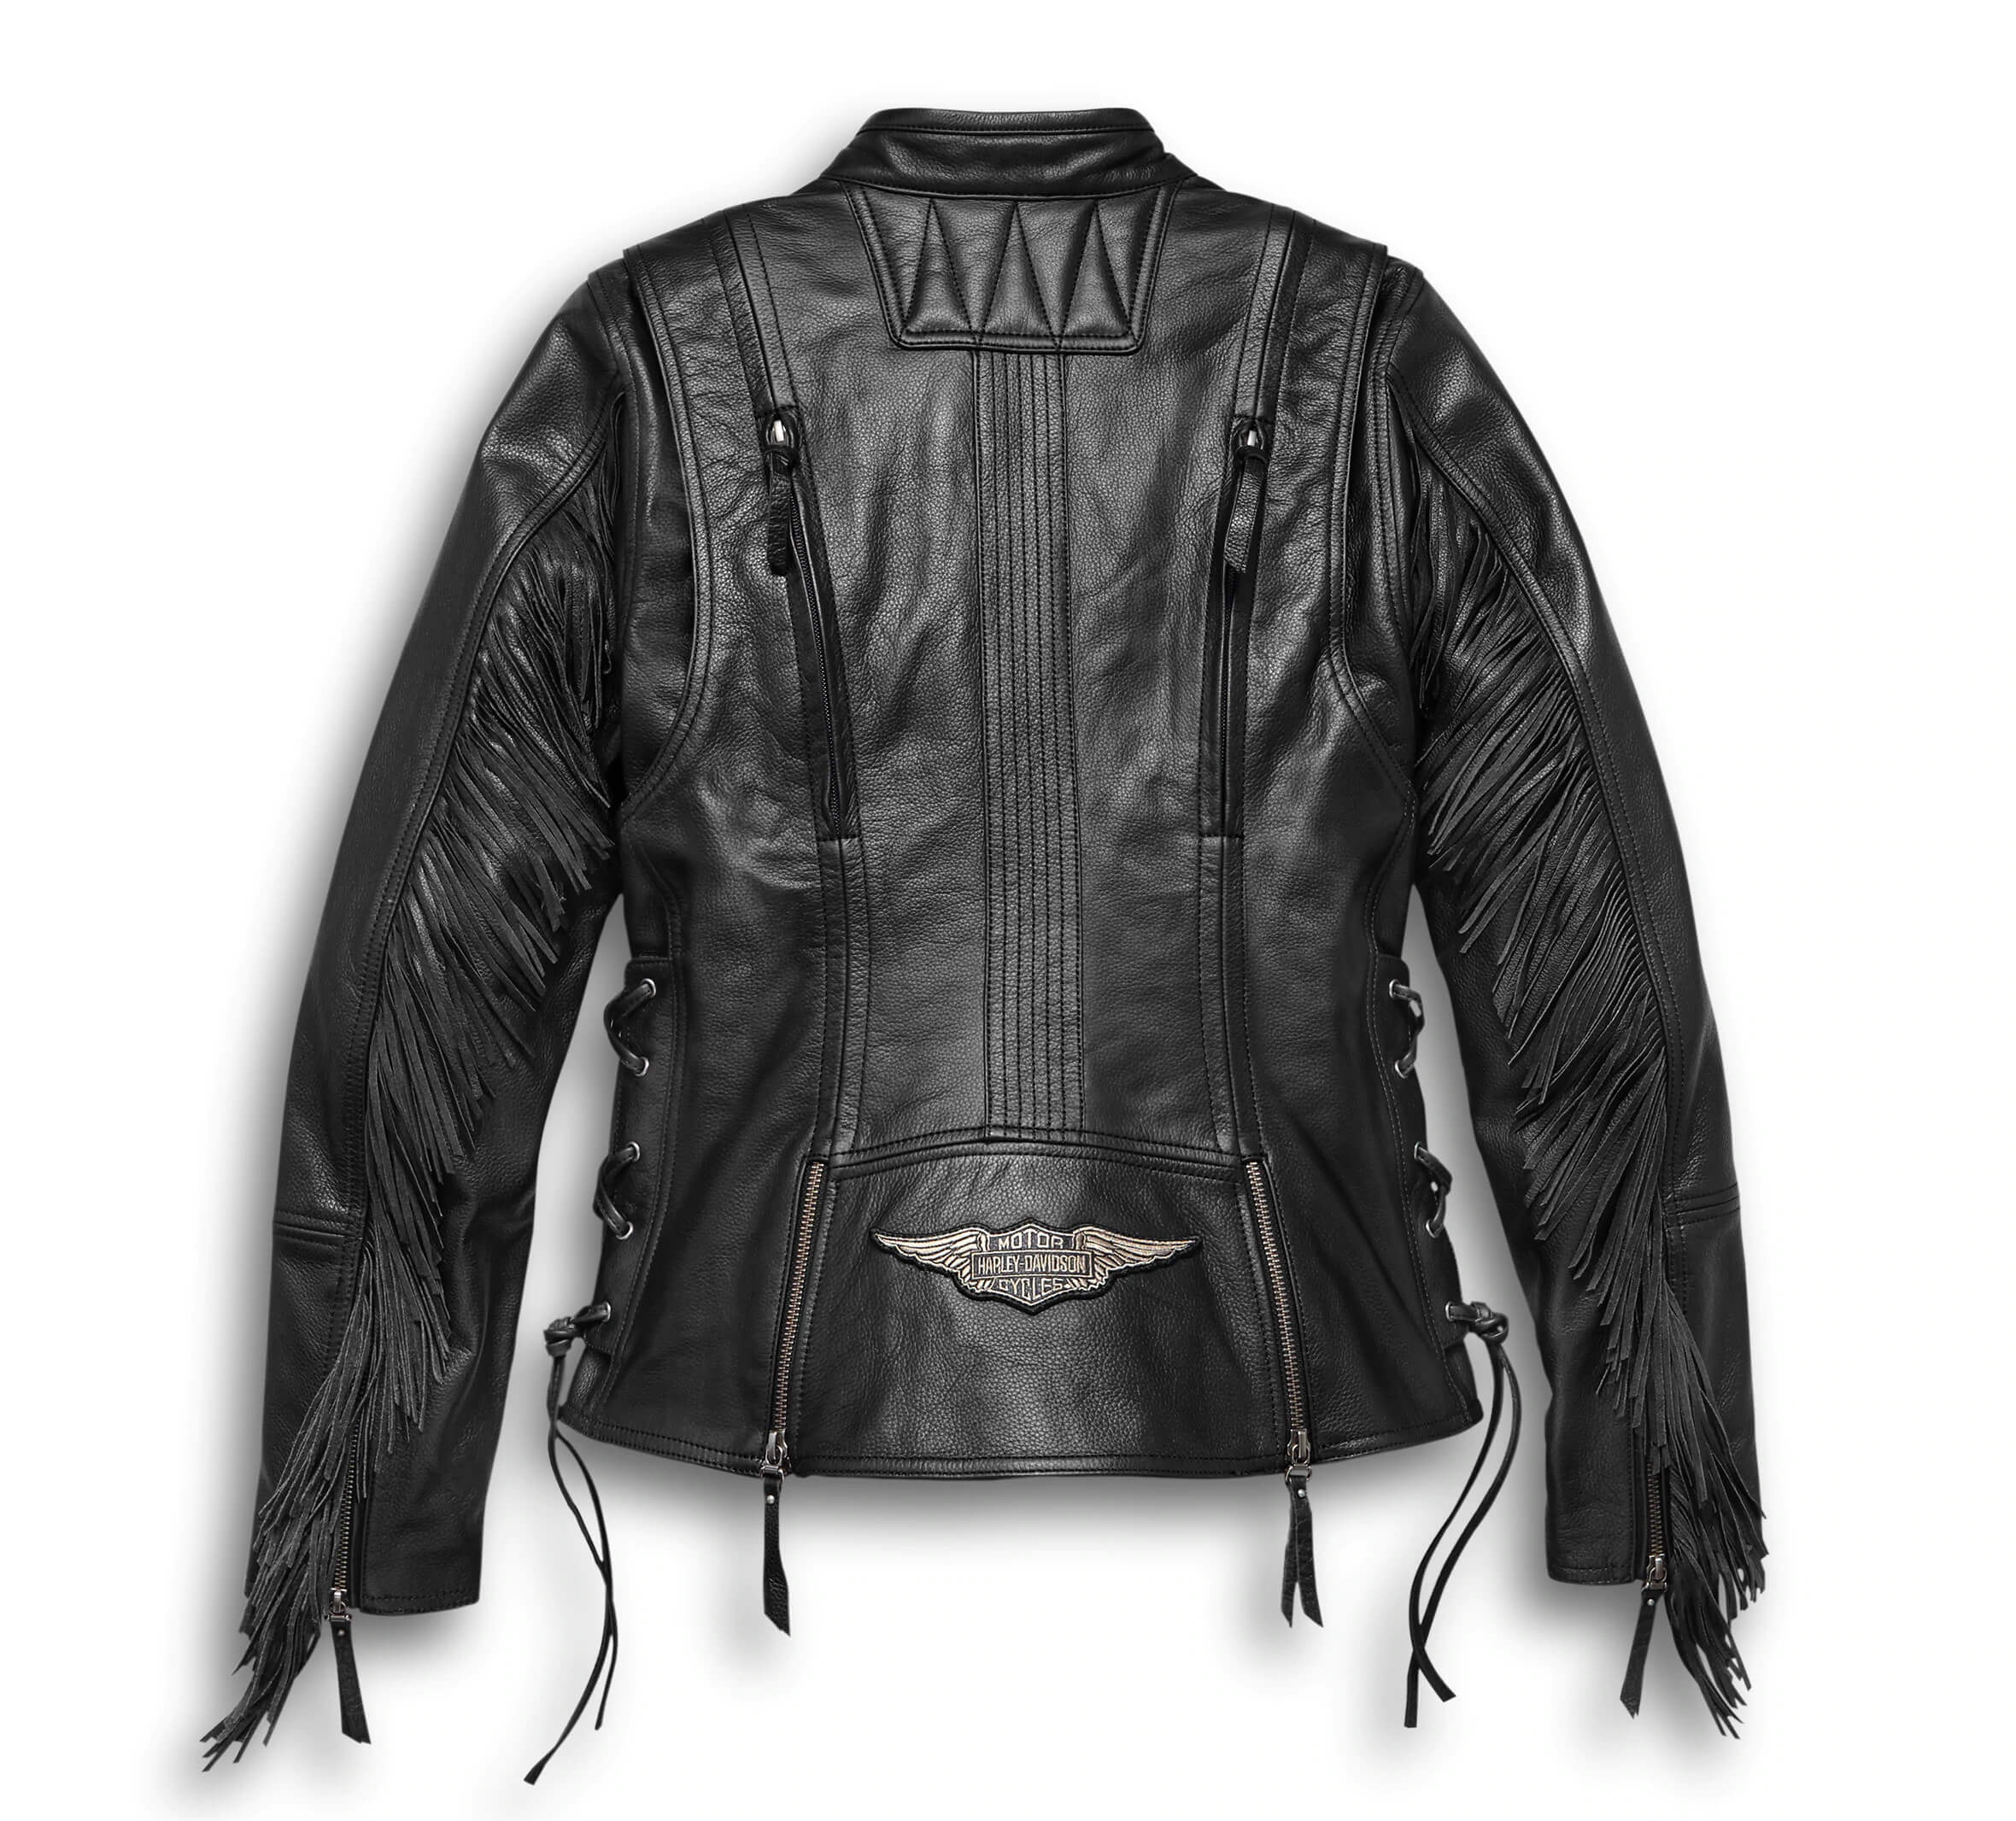 Harley Davidson Motorcycle Fringed Leather Jacket